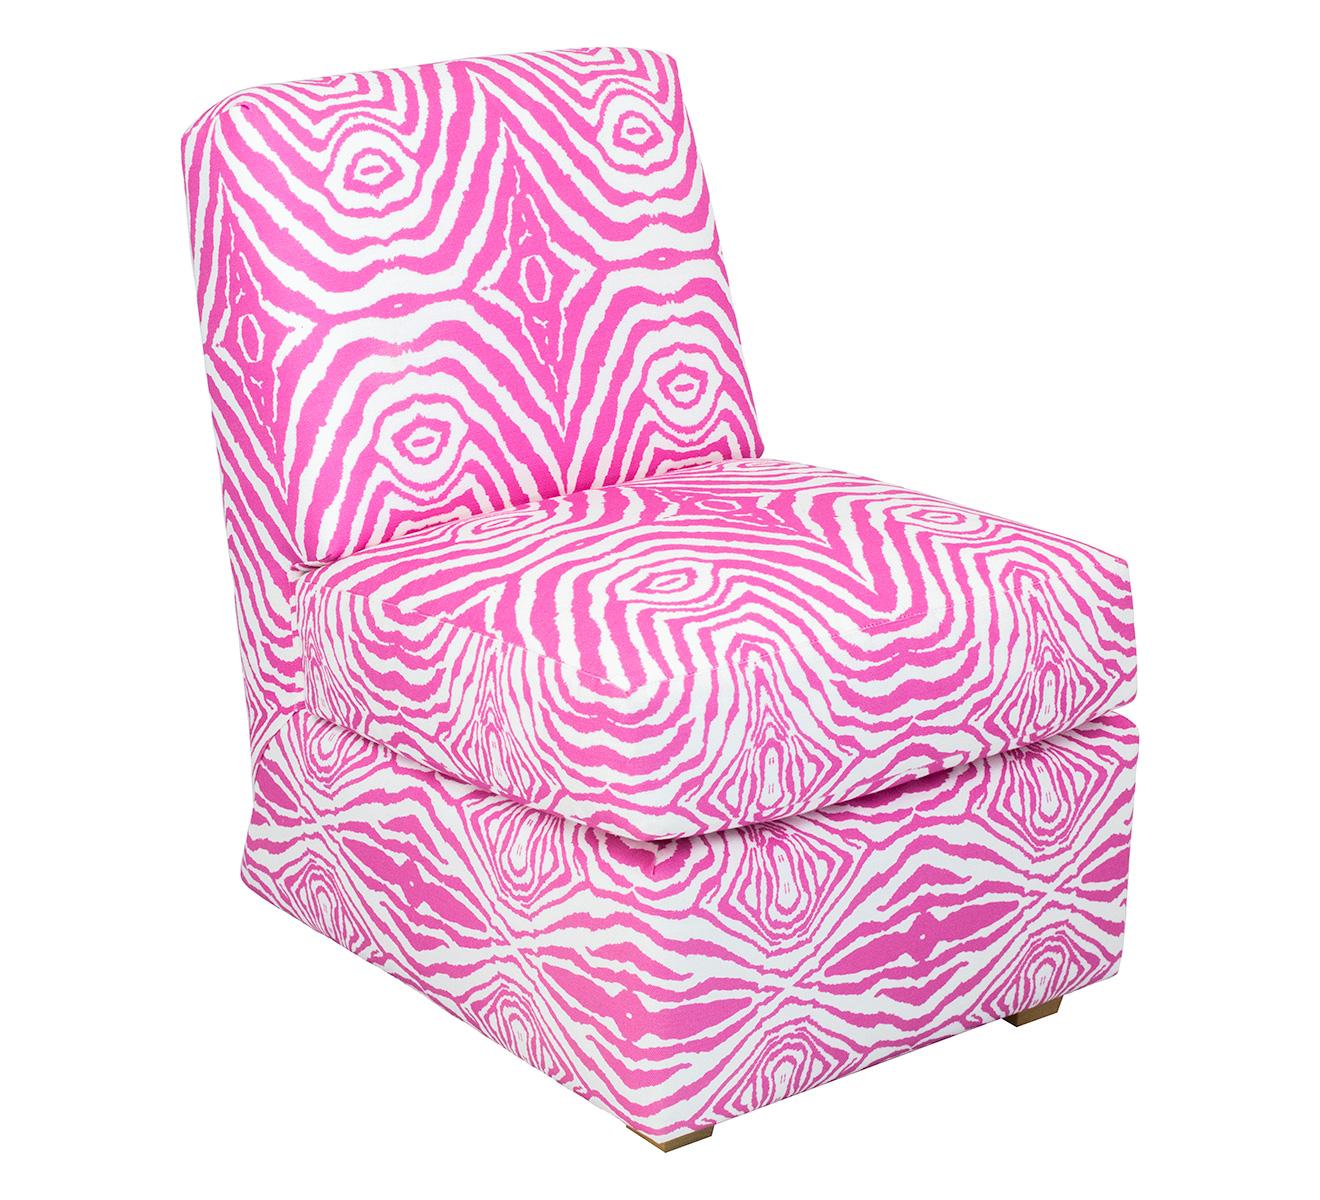 slipper_small_pink_zebra